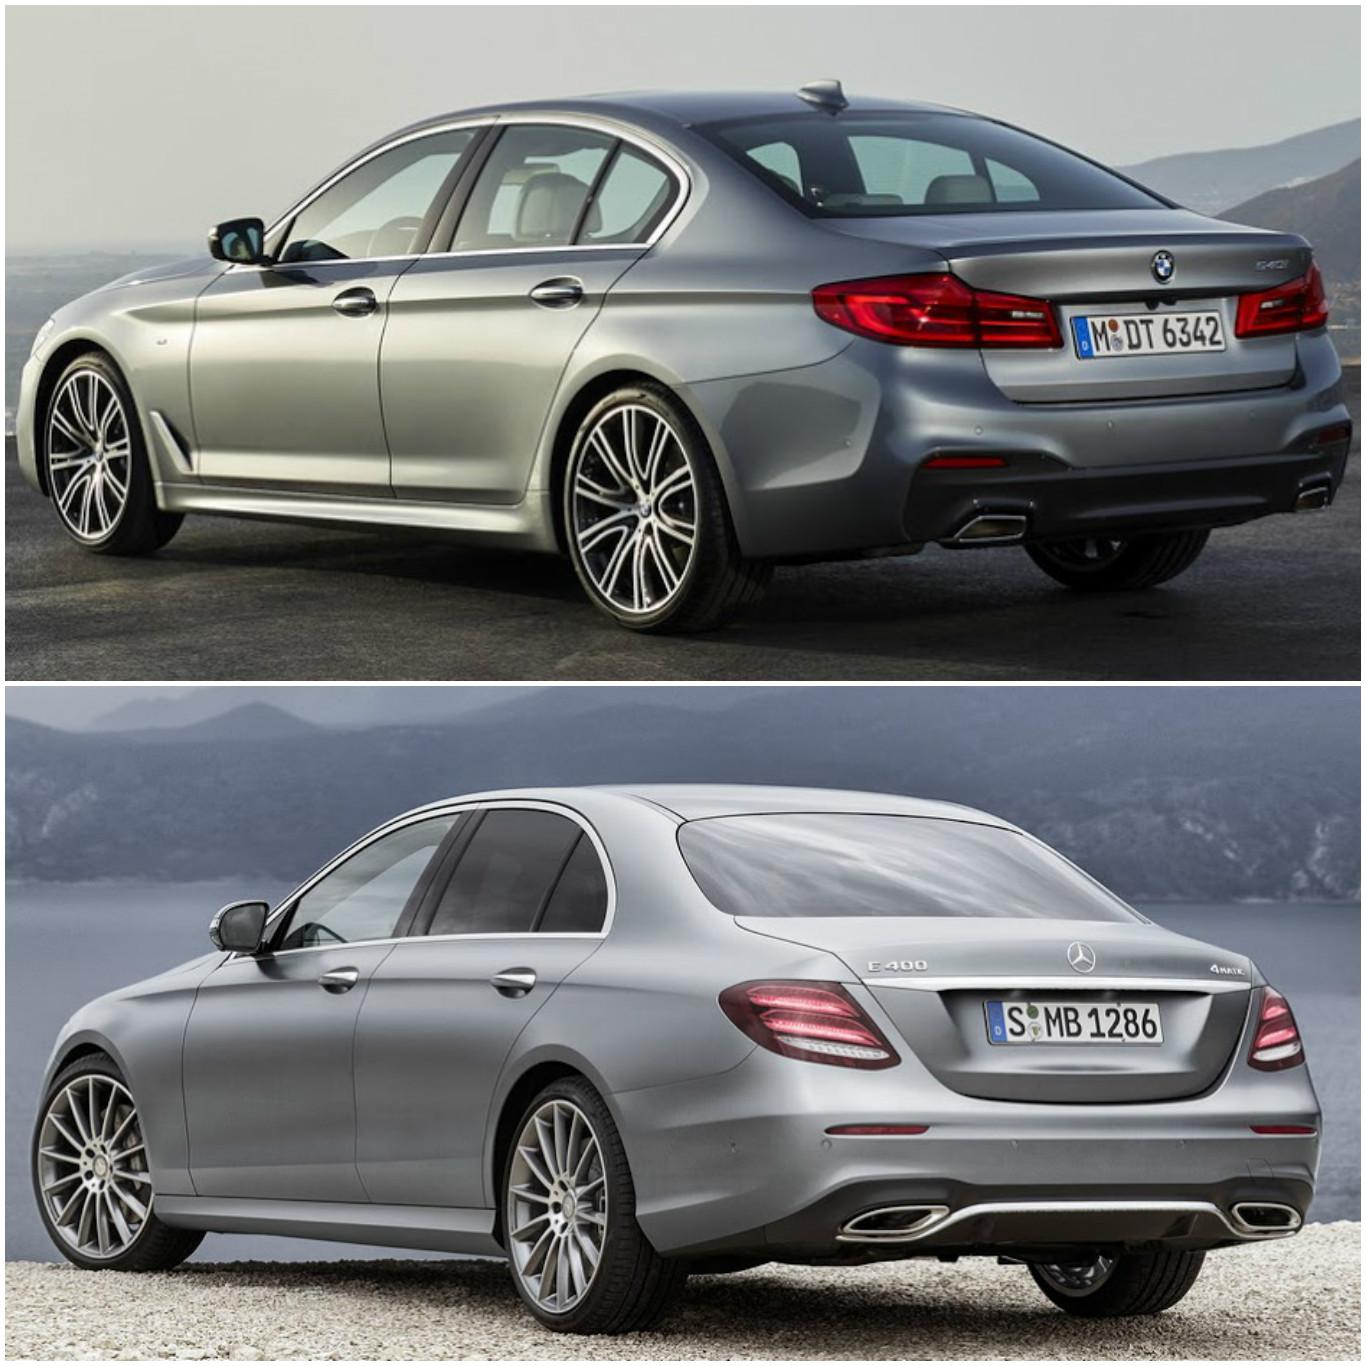 Yeni Bmw 5 Serisi Ile Yeni Mercedes E Serisi Karşı Karşıya Sekiz Silindir